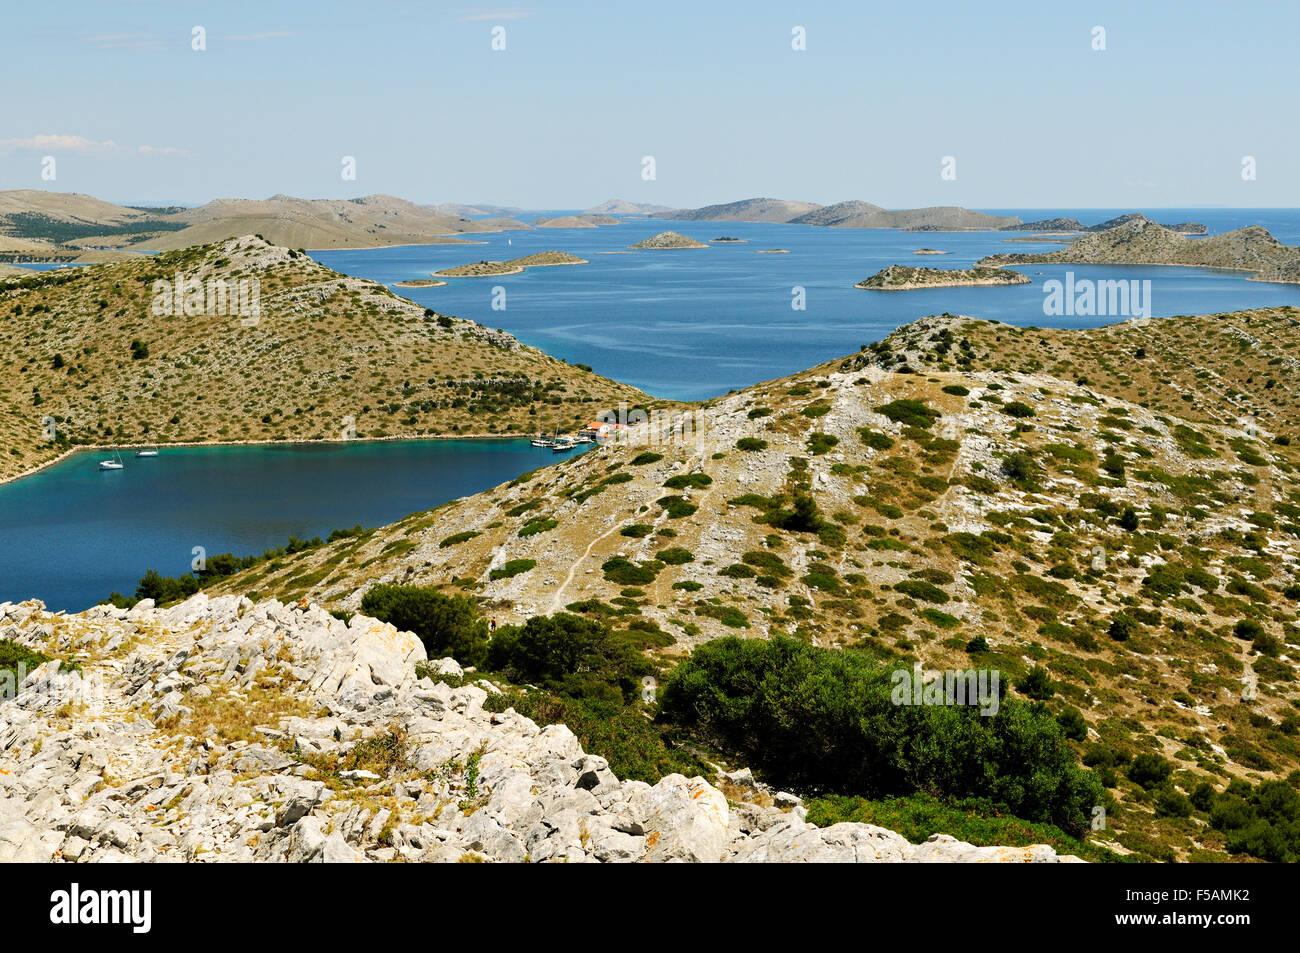 Viele Inseln der Kornaten-Archipel von der Spitze des Levrnaka, Dalmatien, Kroatien Stockbild